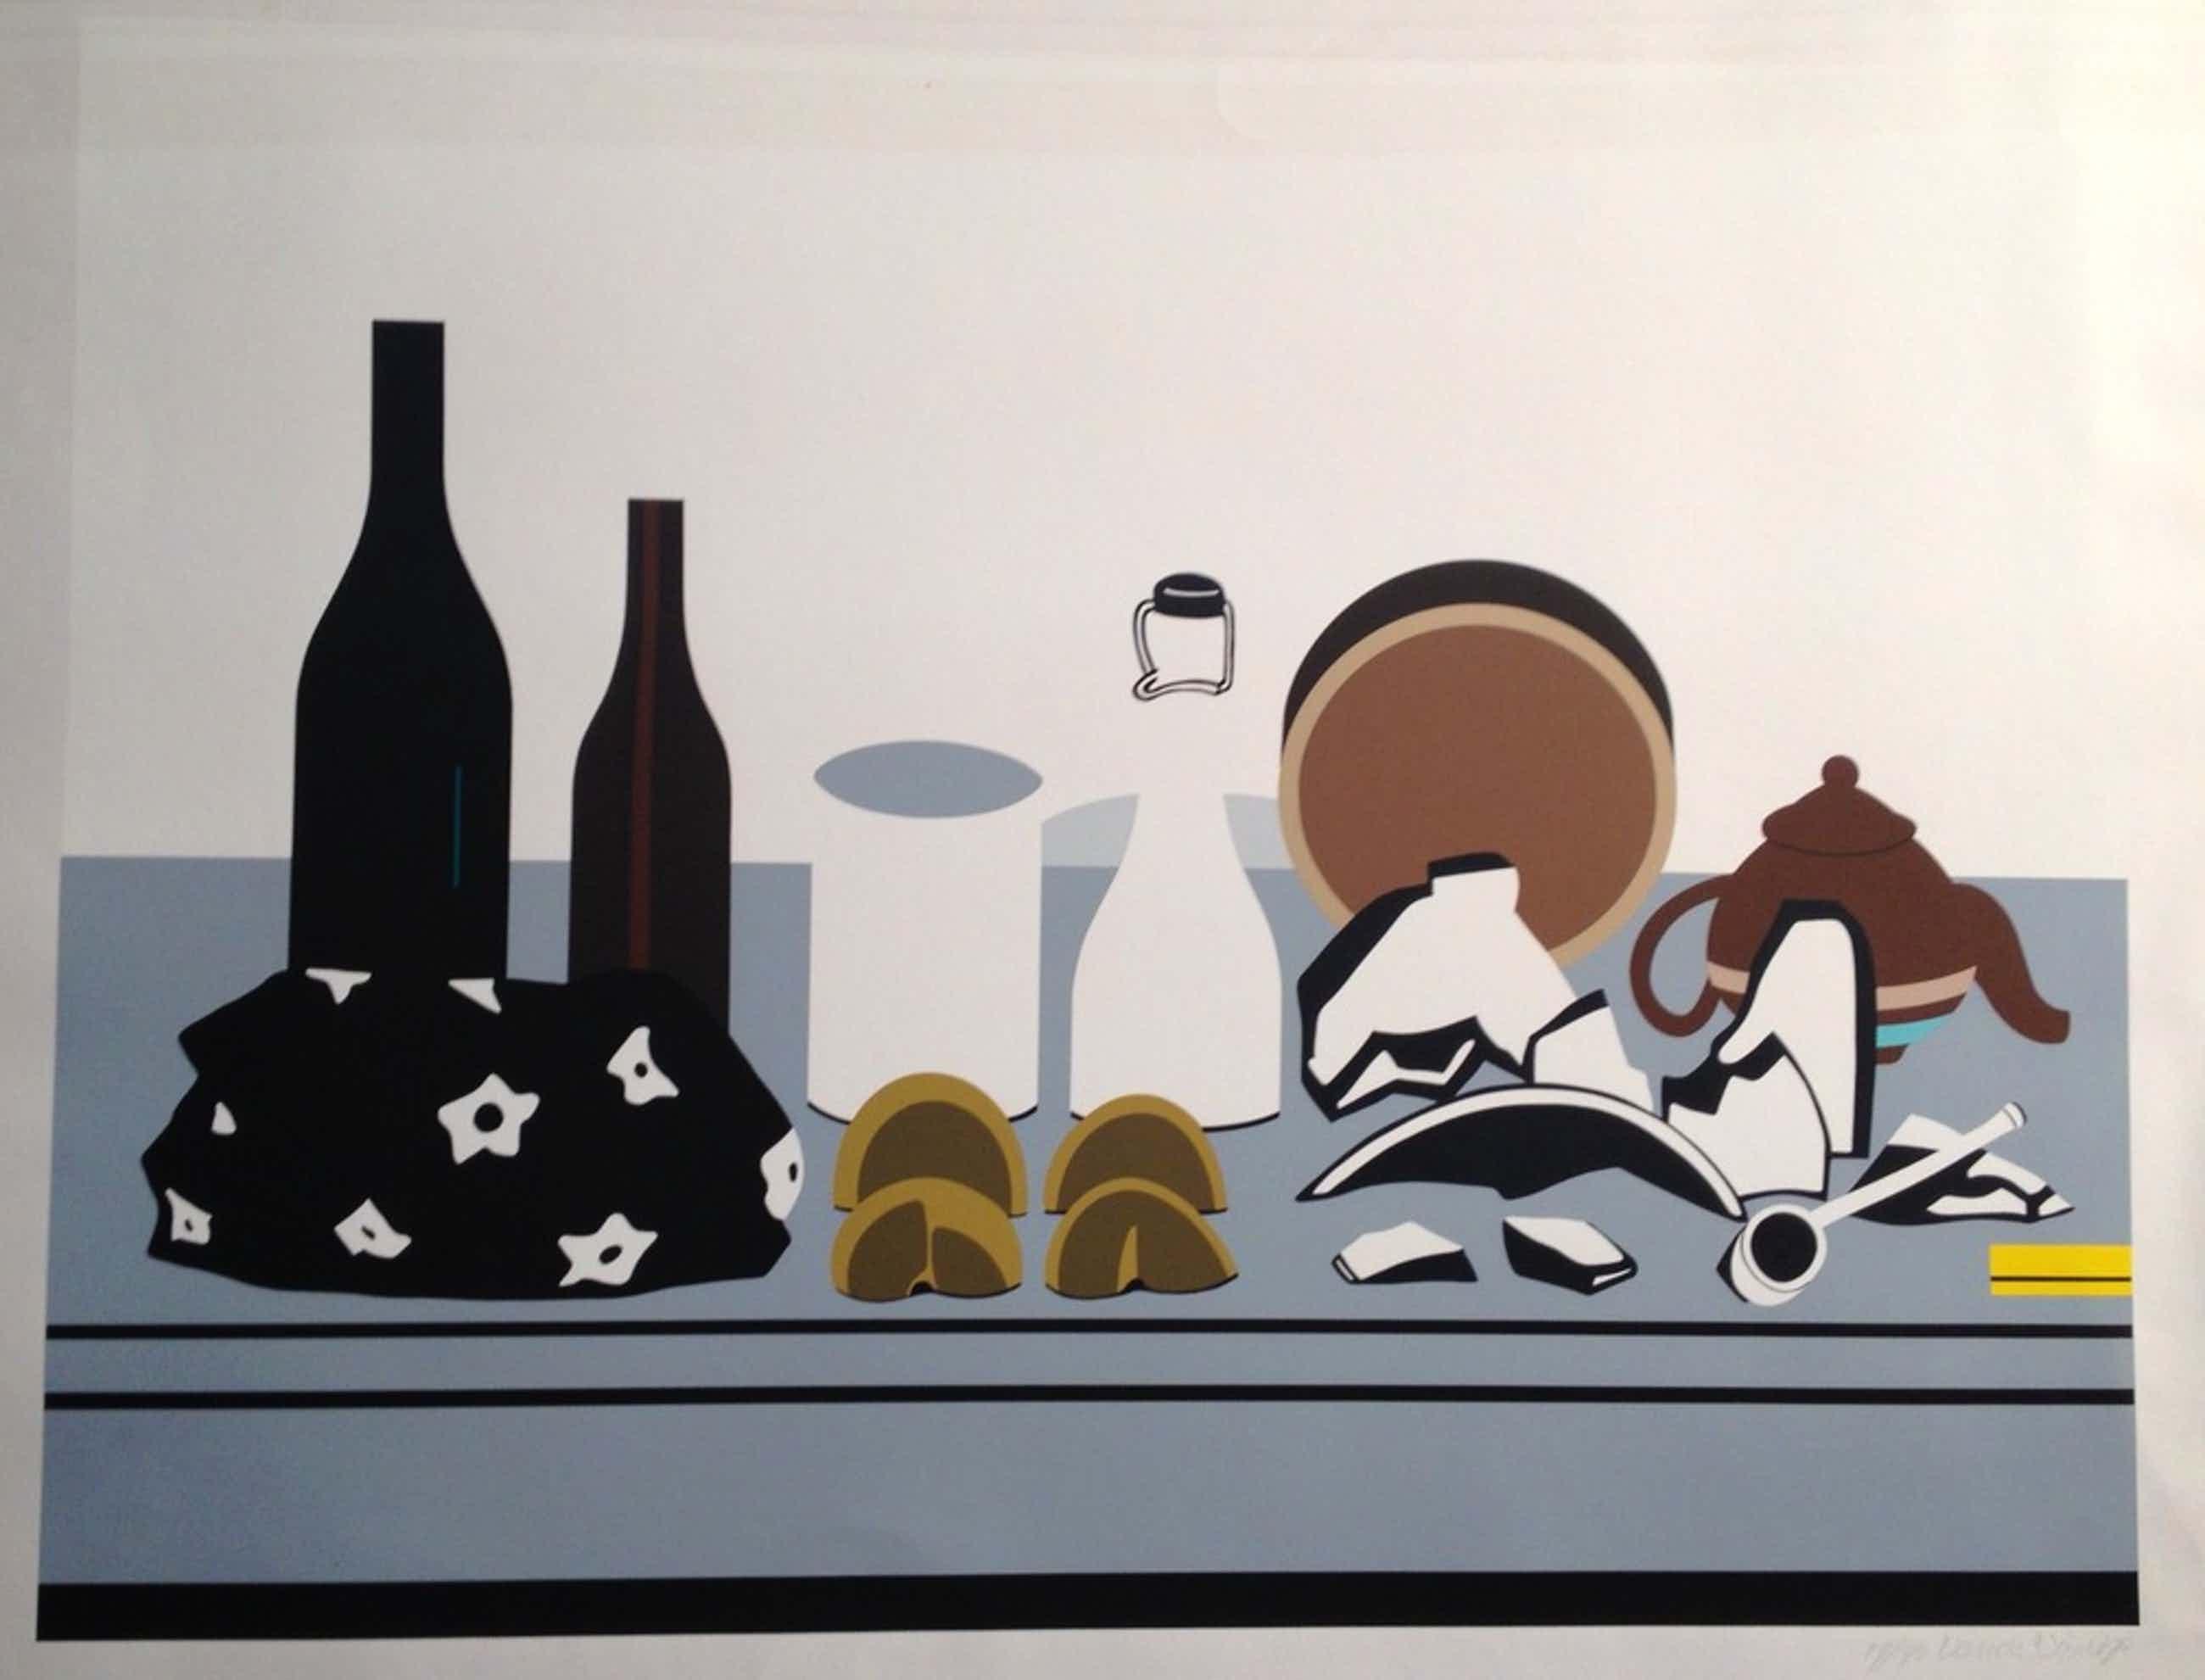 """Rudi van de Wint, zeefdruk, """"Verstoring van de driehoek compositie"""", 1973 kopen? Bied vanaf 39!"""